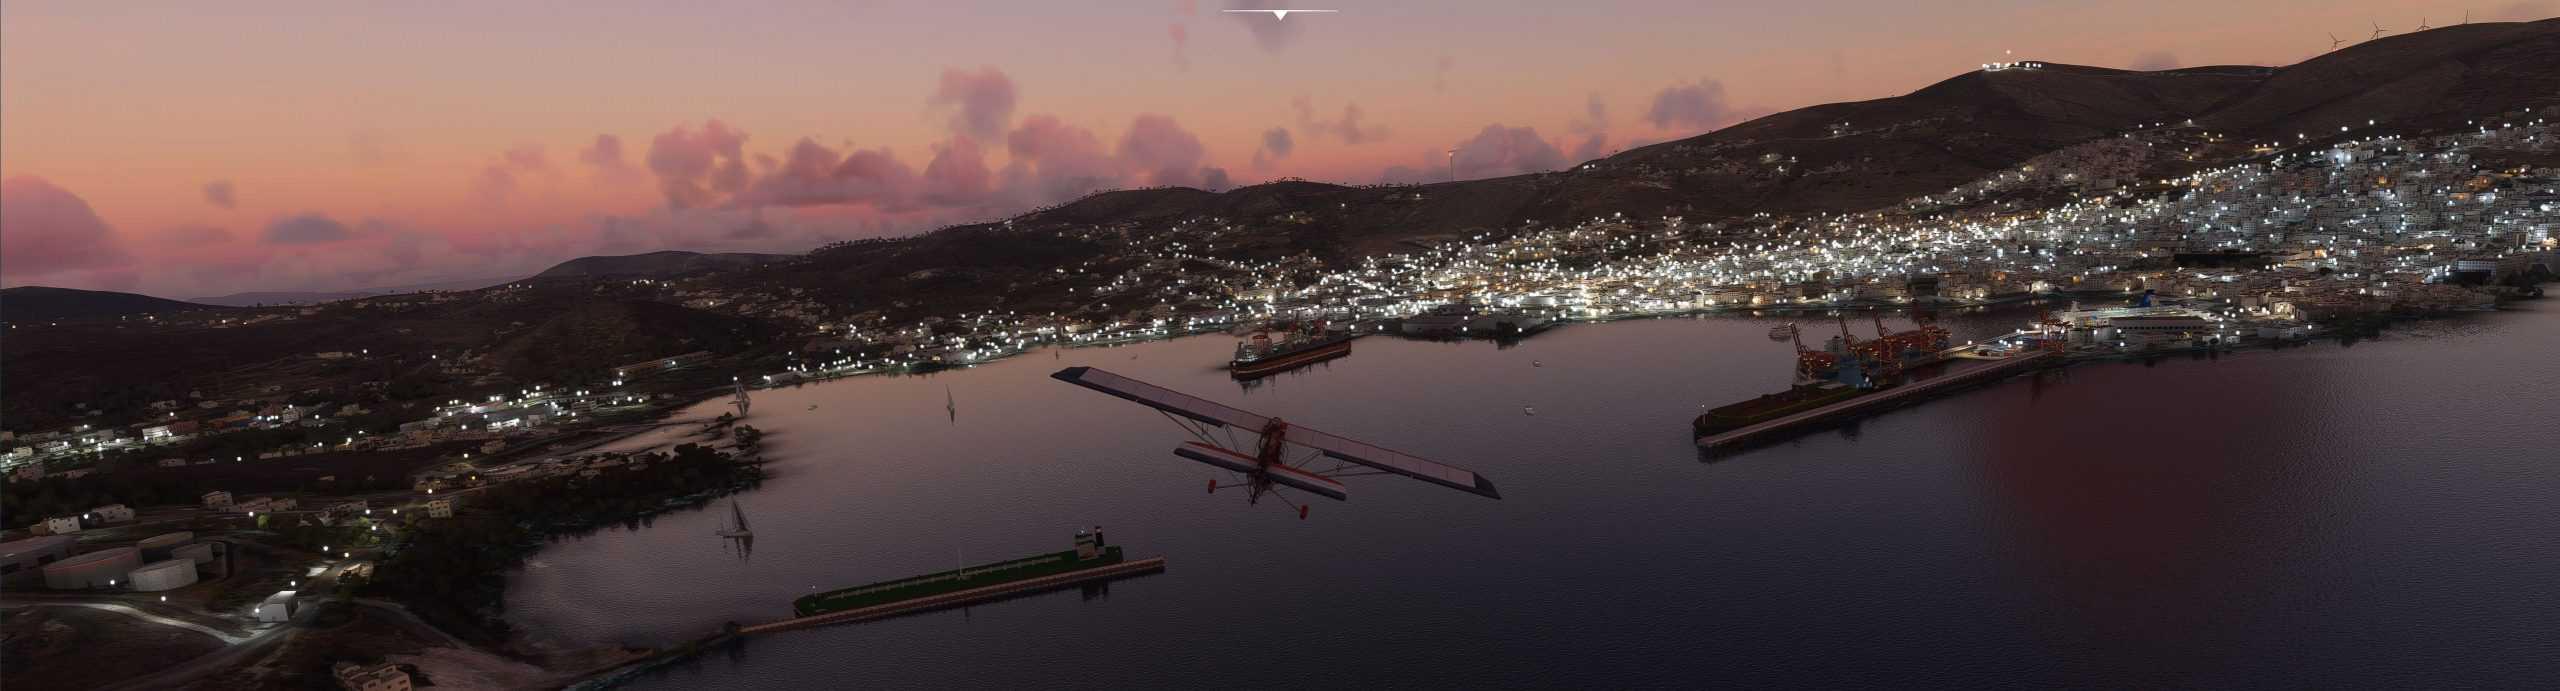 Hafen2-scaled.jpg